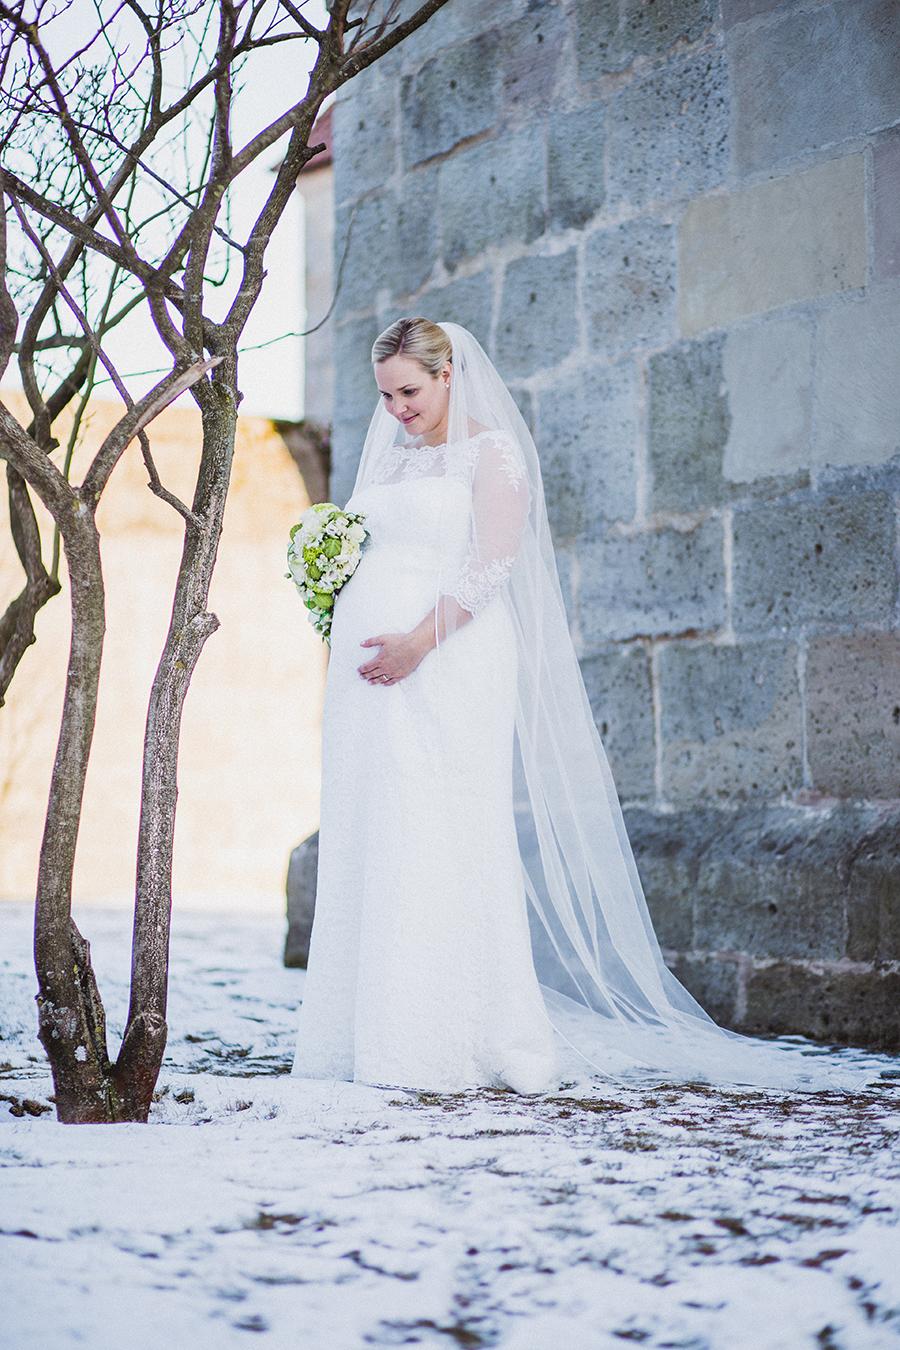 DPP 054 - Wedding